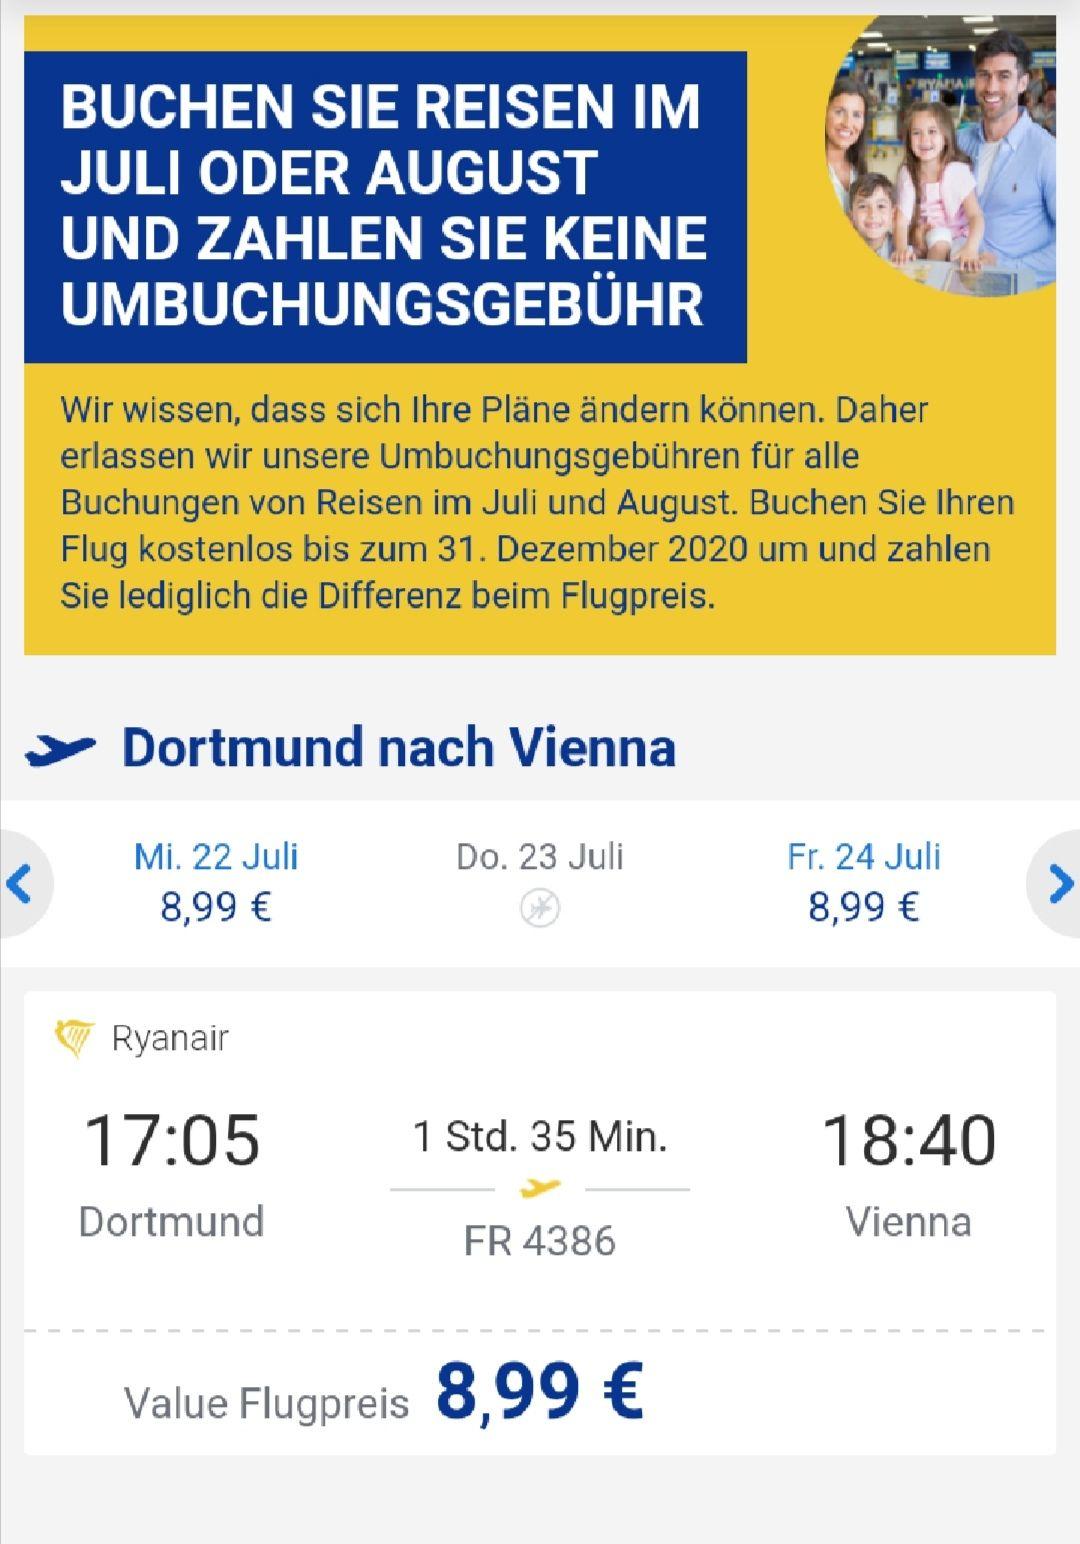 Flüge von Dortmund nach Wien und zurück für nur 16,00€ *Viele Termine* Juli-November